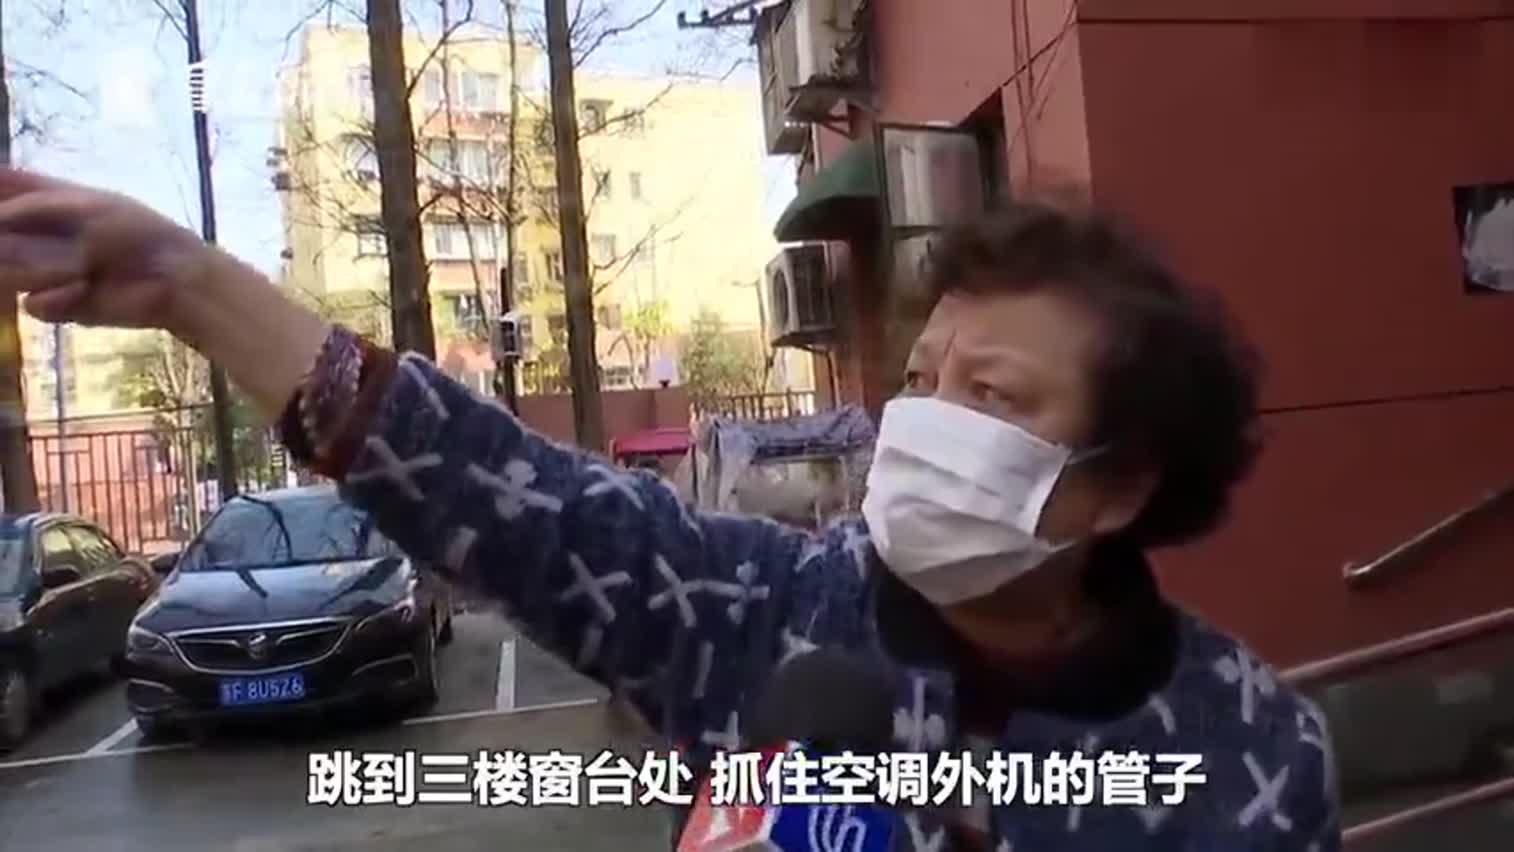 视频-民宅起火男子被困5楼 窗外攀爬拉折晾衣杆幸